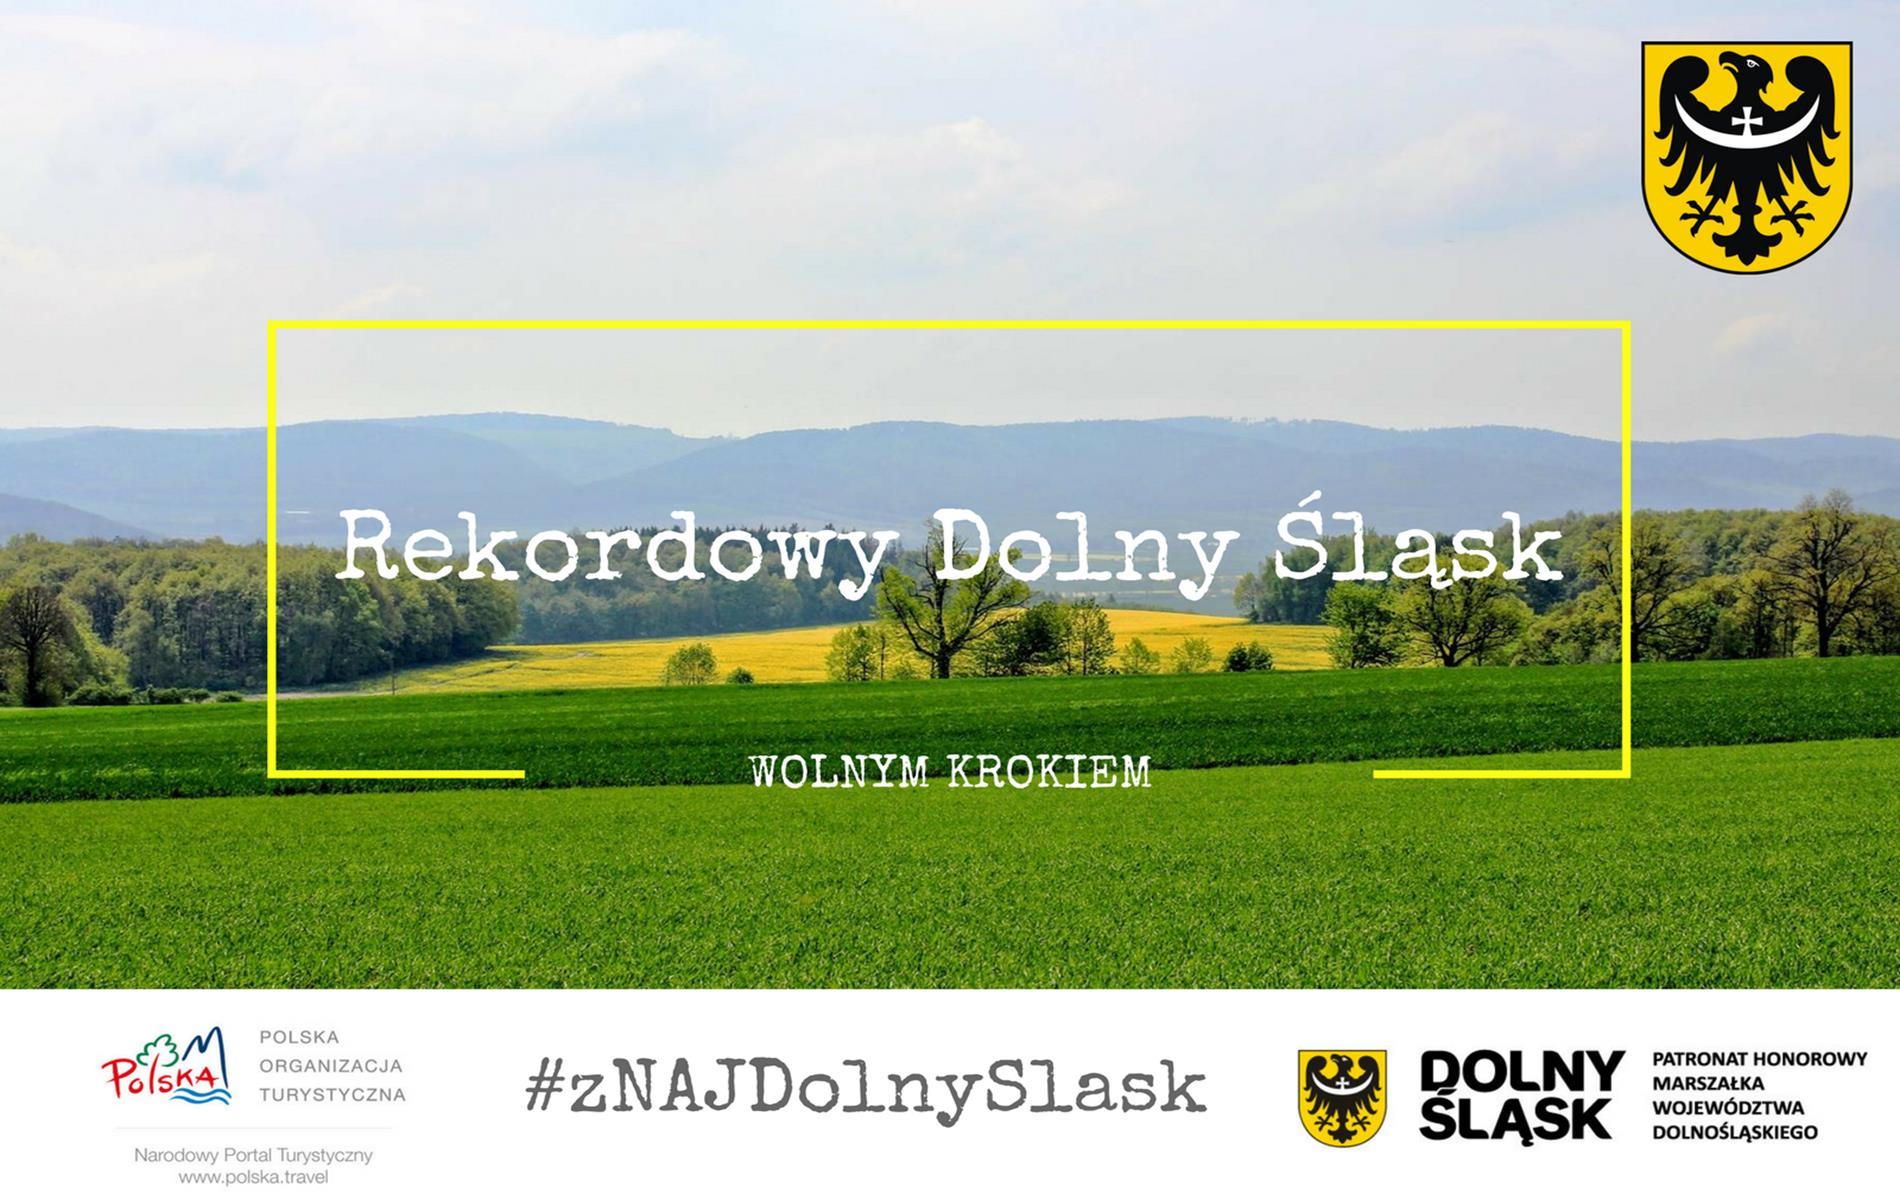 Rekordowe atrakcje Dolnego Śląska